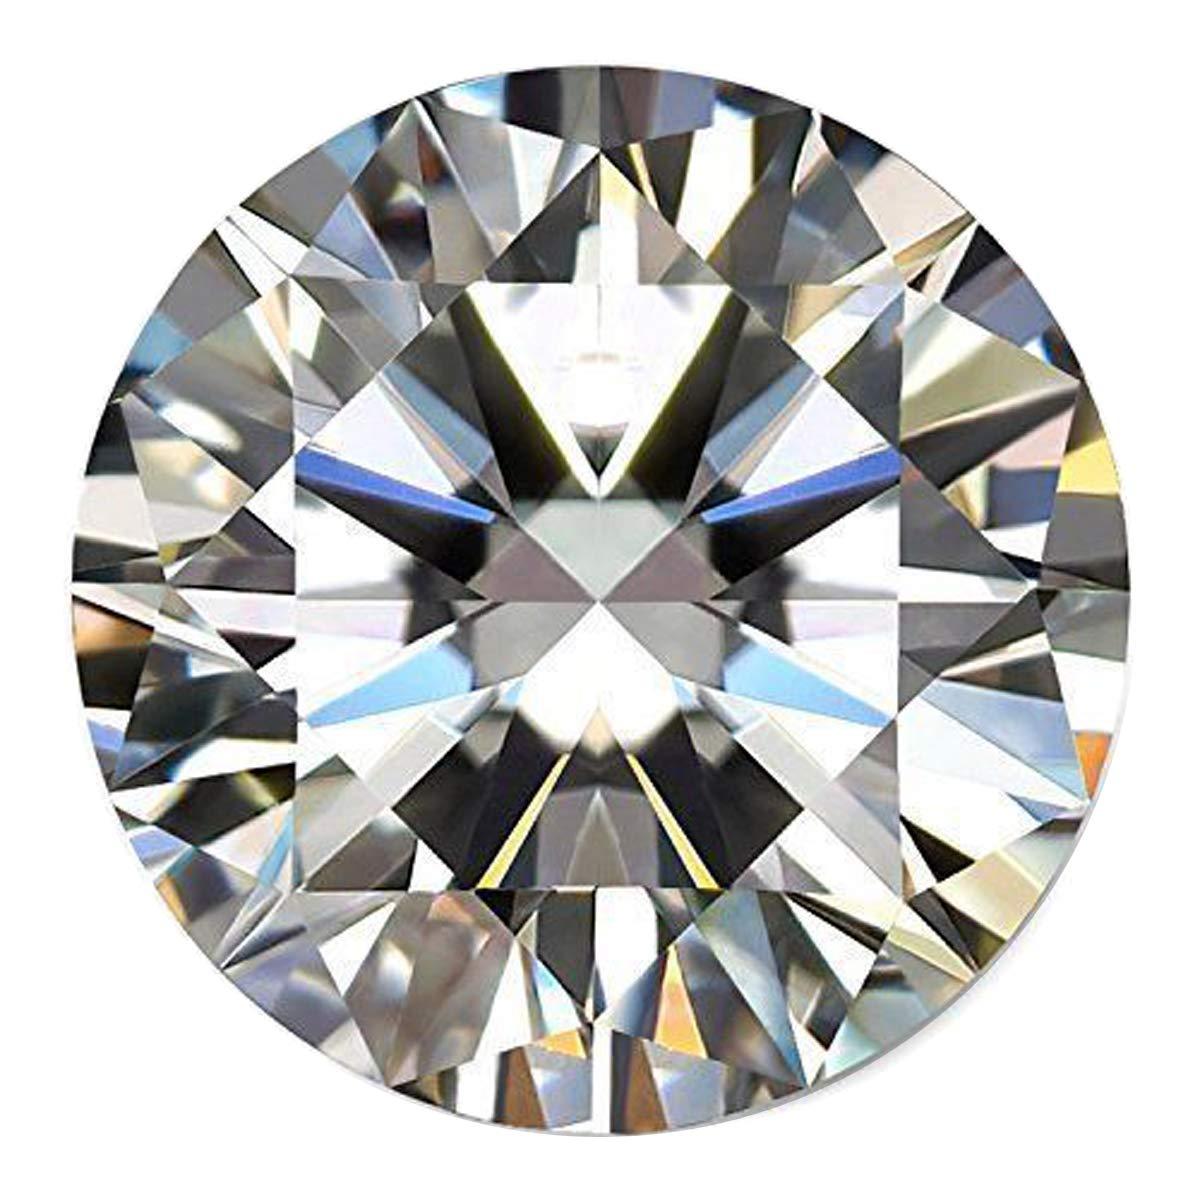 Moissanite genuino diamante de 0.70 ct Egl certificado Moissanite blanco piedra suelta excelente corte VVS2 claridad